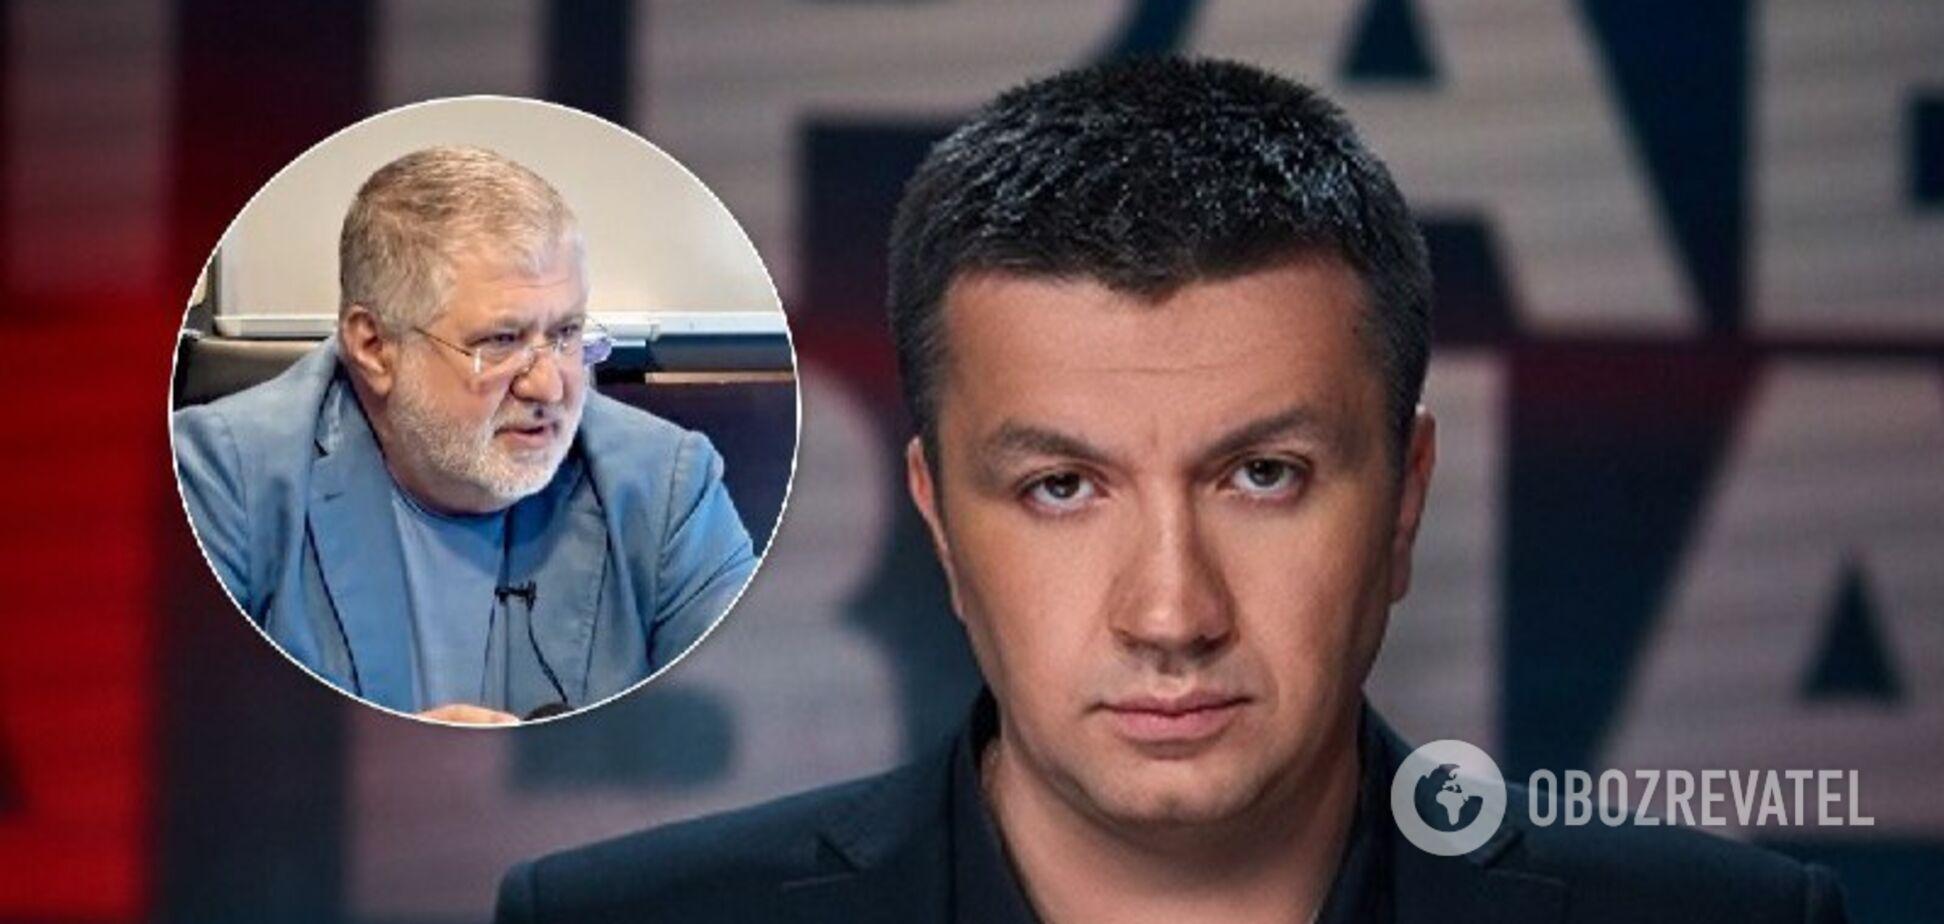 Ведучий '1+1' розкритикував Коломойського за слова про 'громадянську війну'